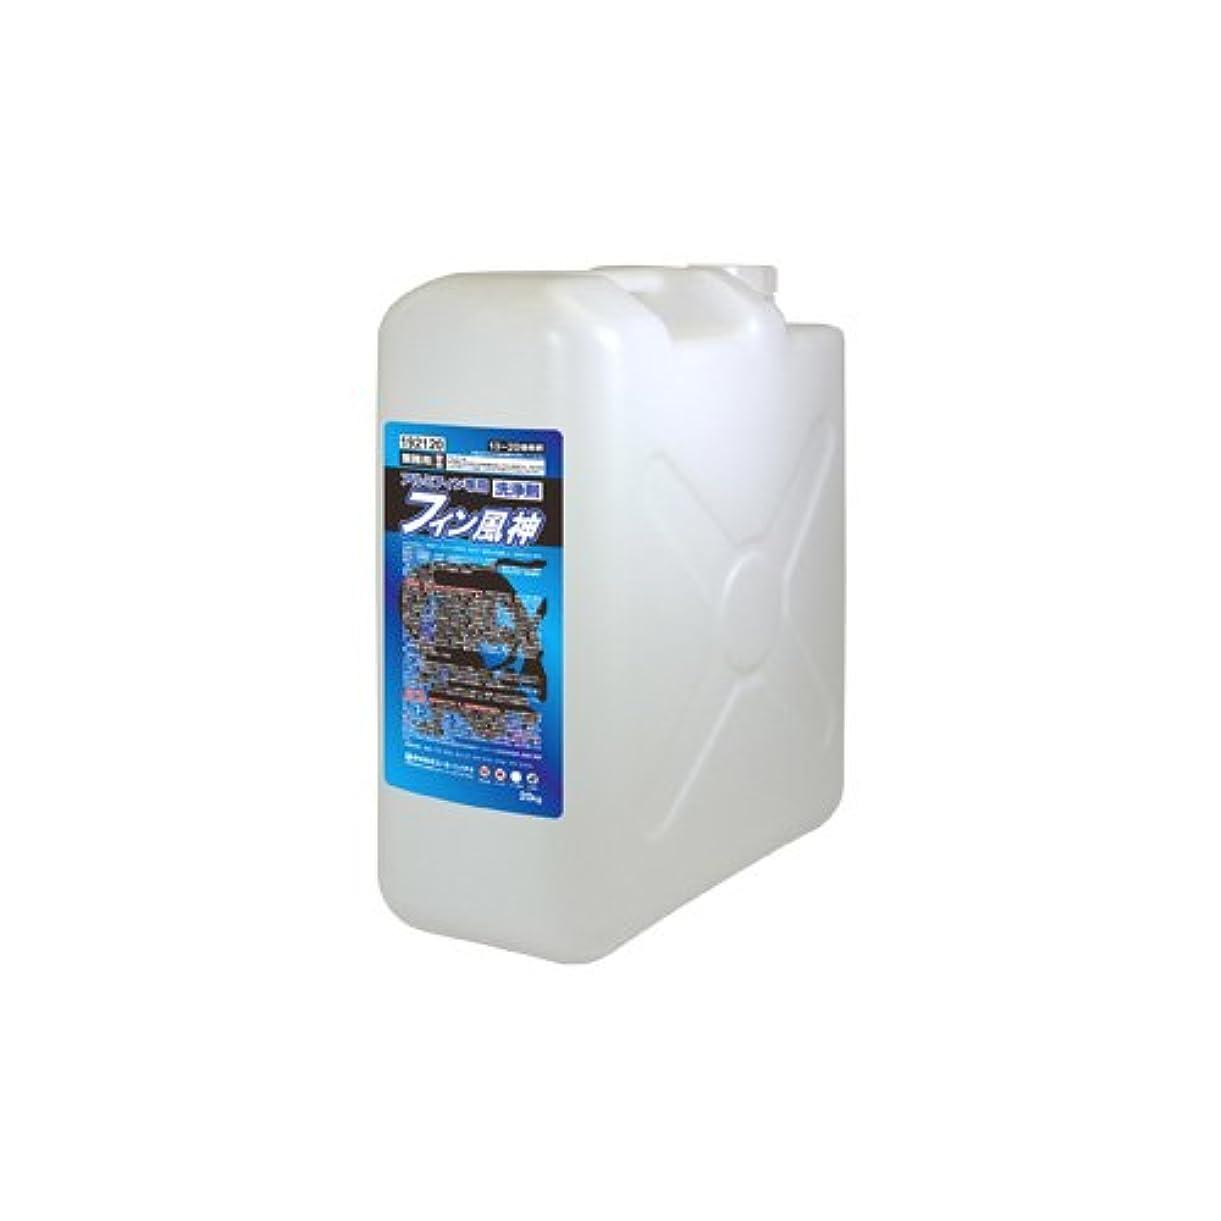 フォーラムバージン頼るユーホーニイタカ エアコン用特殊洗剤 フィン風神 20Kg×1個